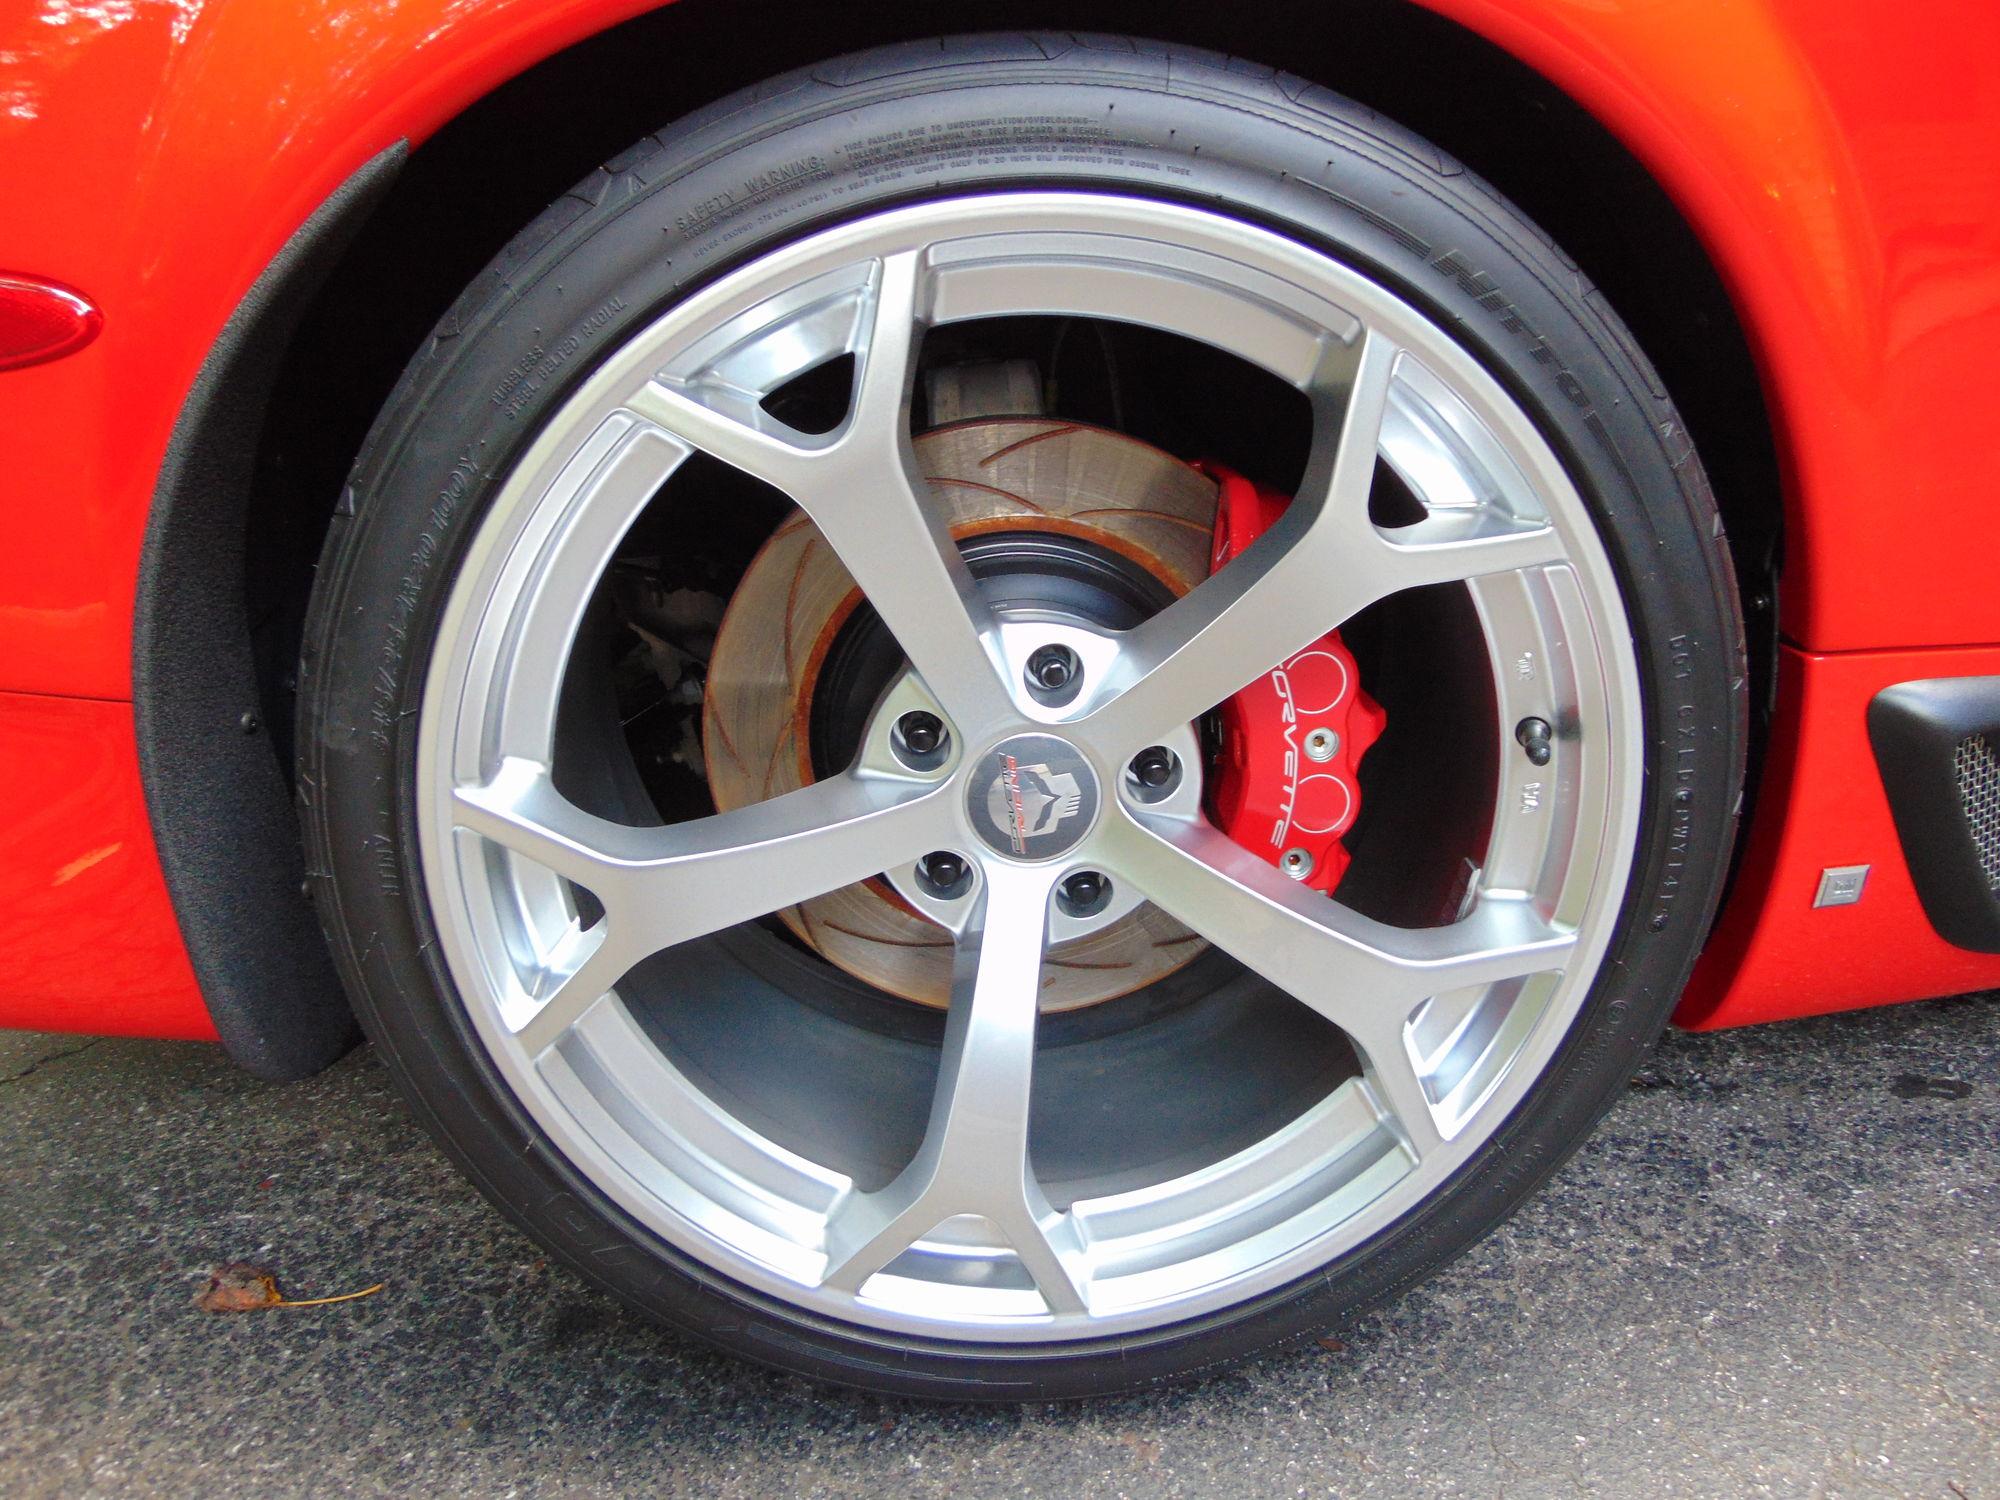 C6 Z06 For Sale >> Sport muscle gs concave wheels - rare - CorvetteForum - Chevrolet Corvette Forum Discussion